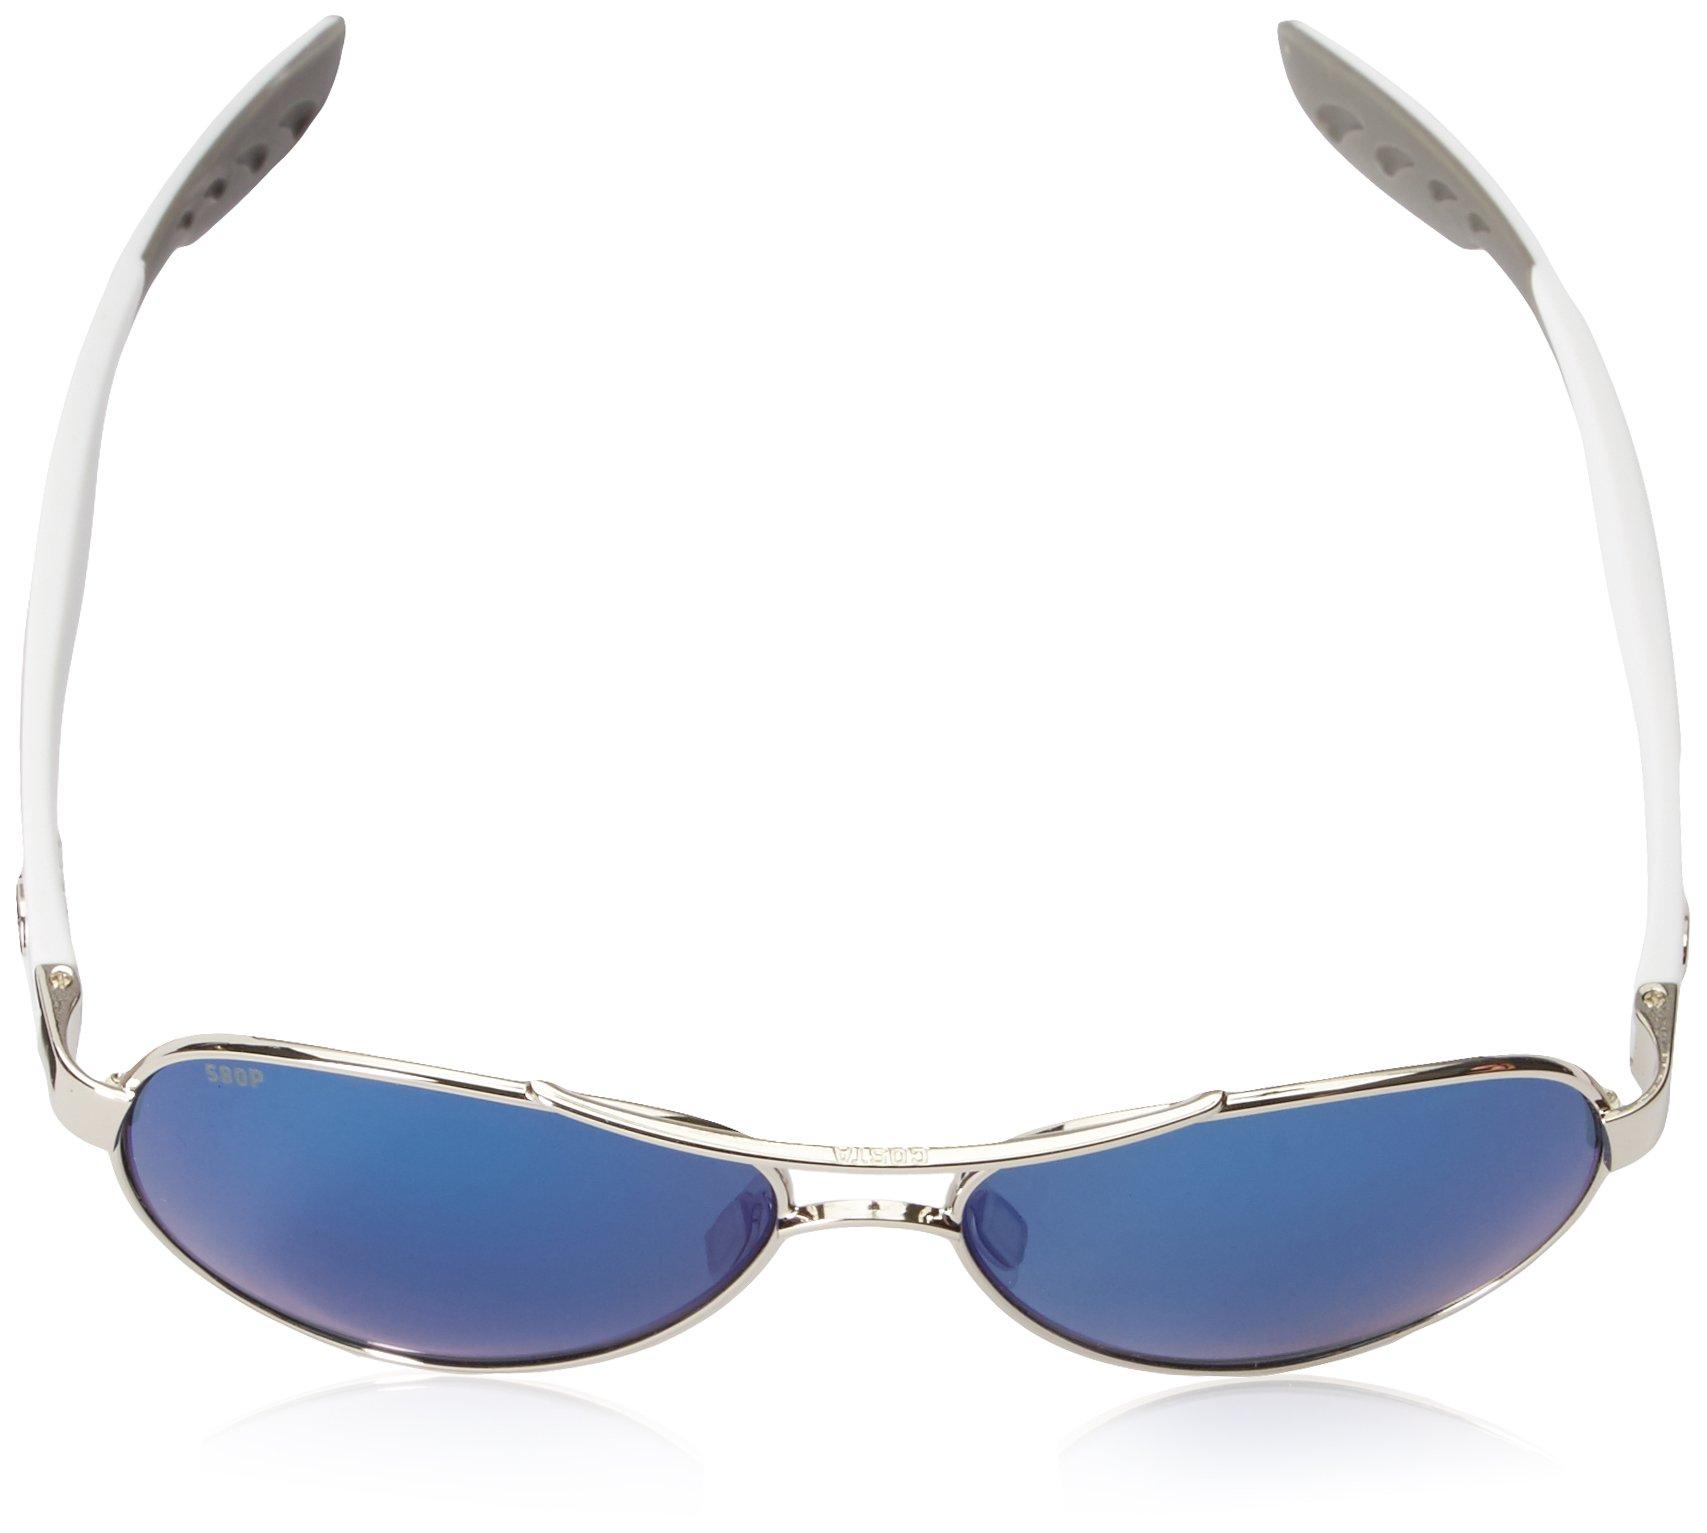 Costa del Mar Loreto Sunglasses Palladium w/White/Blue Mirror 580Plastic by Costa Del Mar (Image #4)